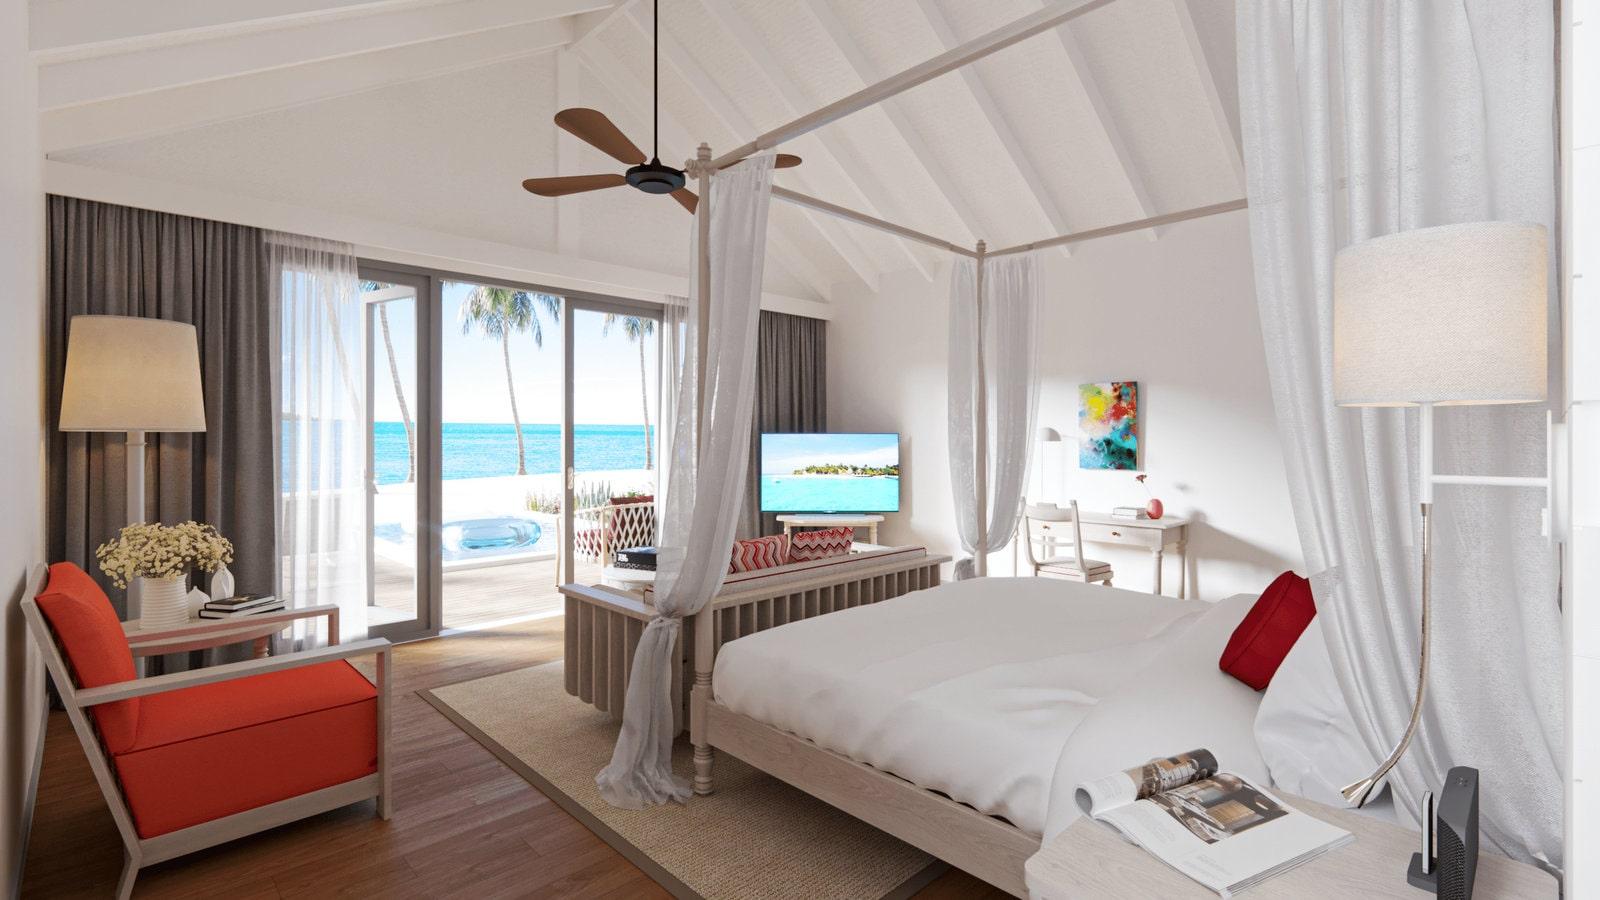 Мальдивы, отель Cora Cora Maldives, номер Beach Pool Villa